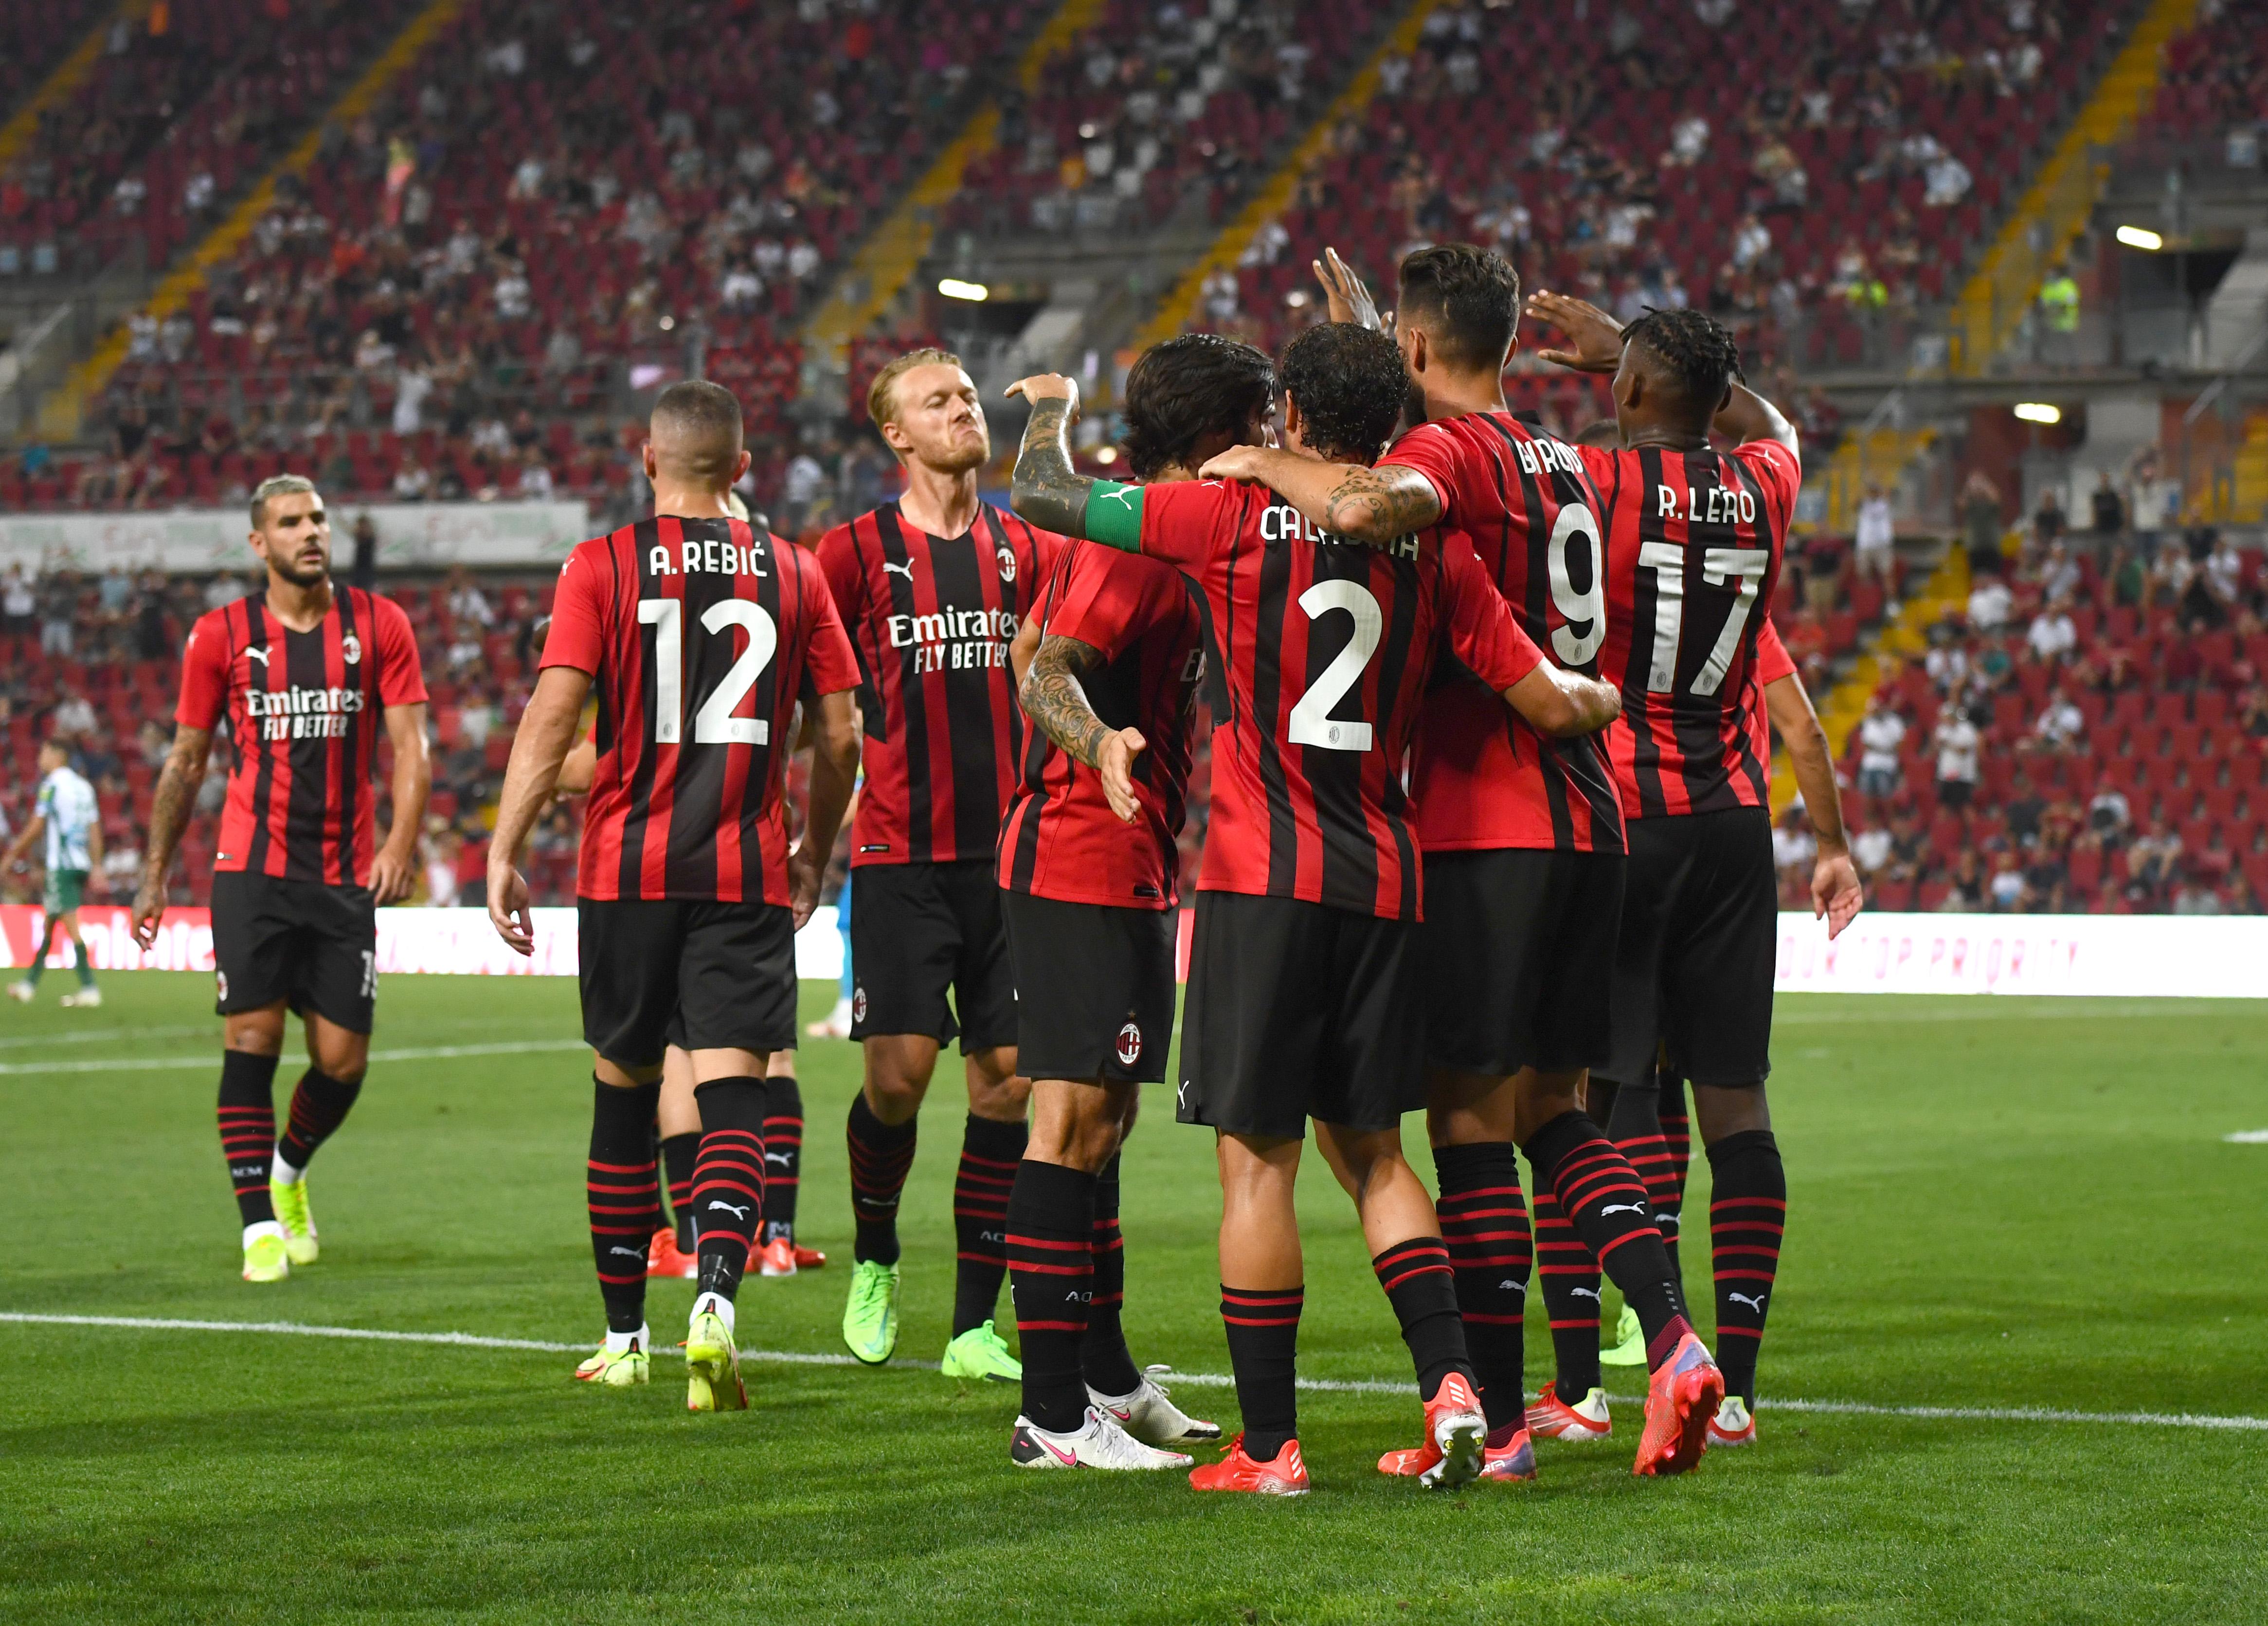 AC Milan v Panathinaikos - Pre-Season Friendly